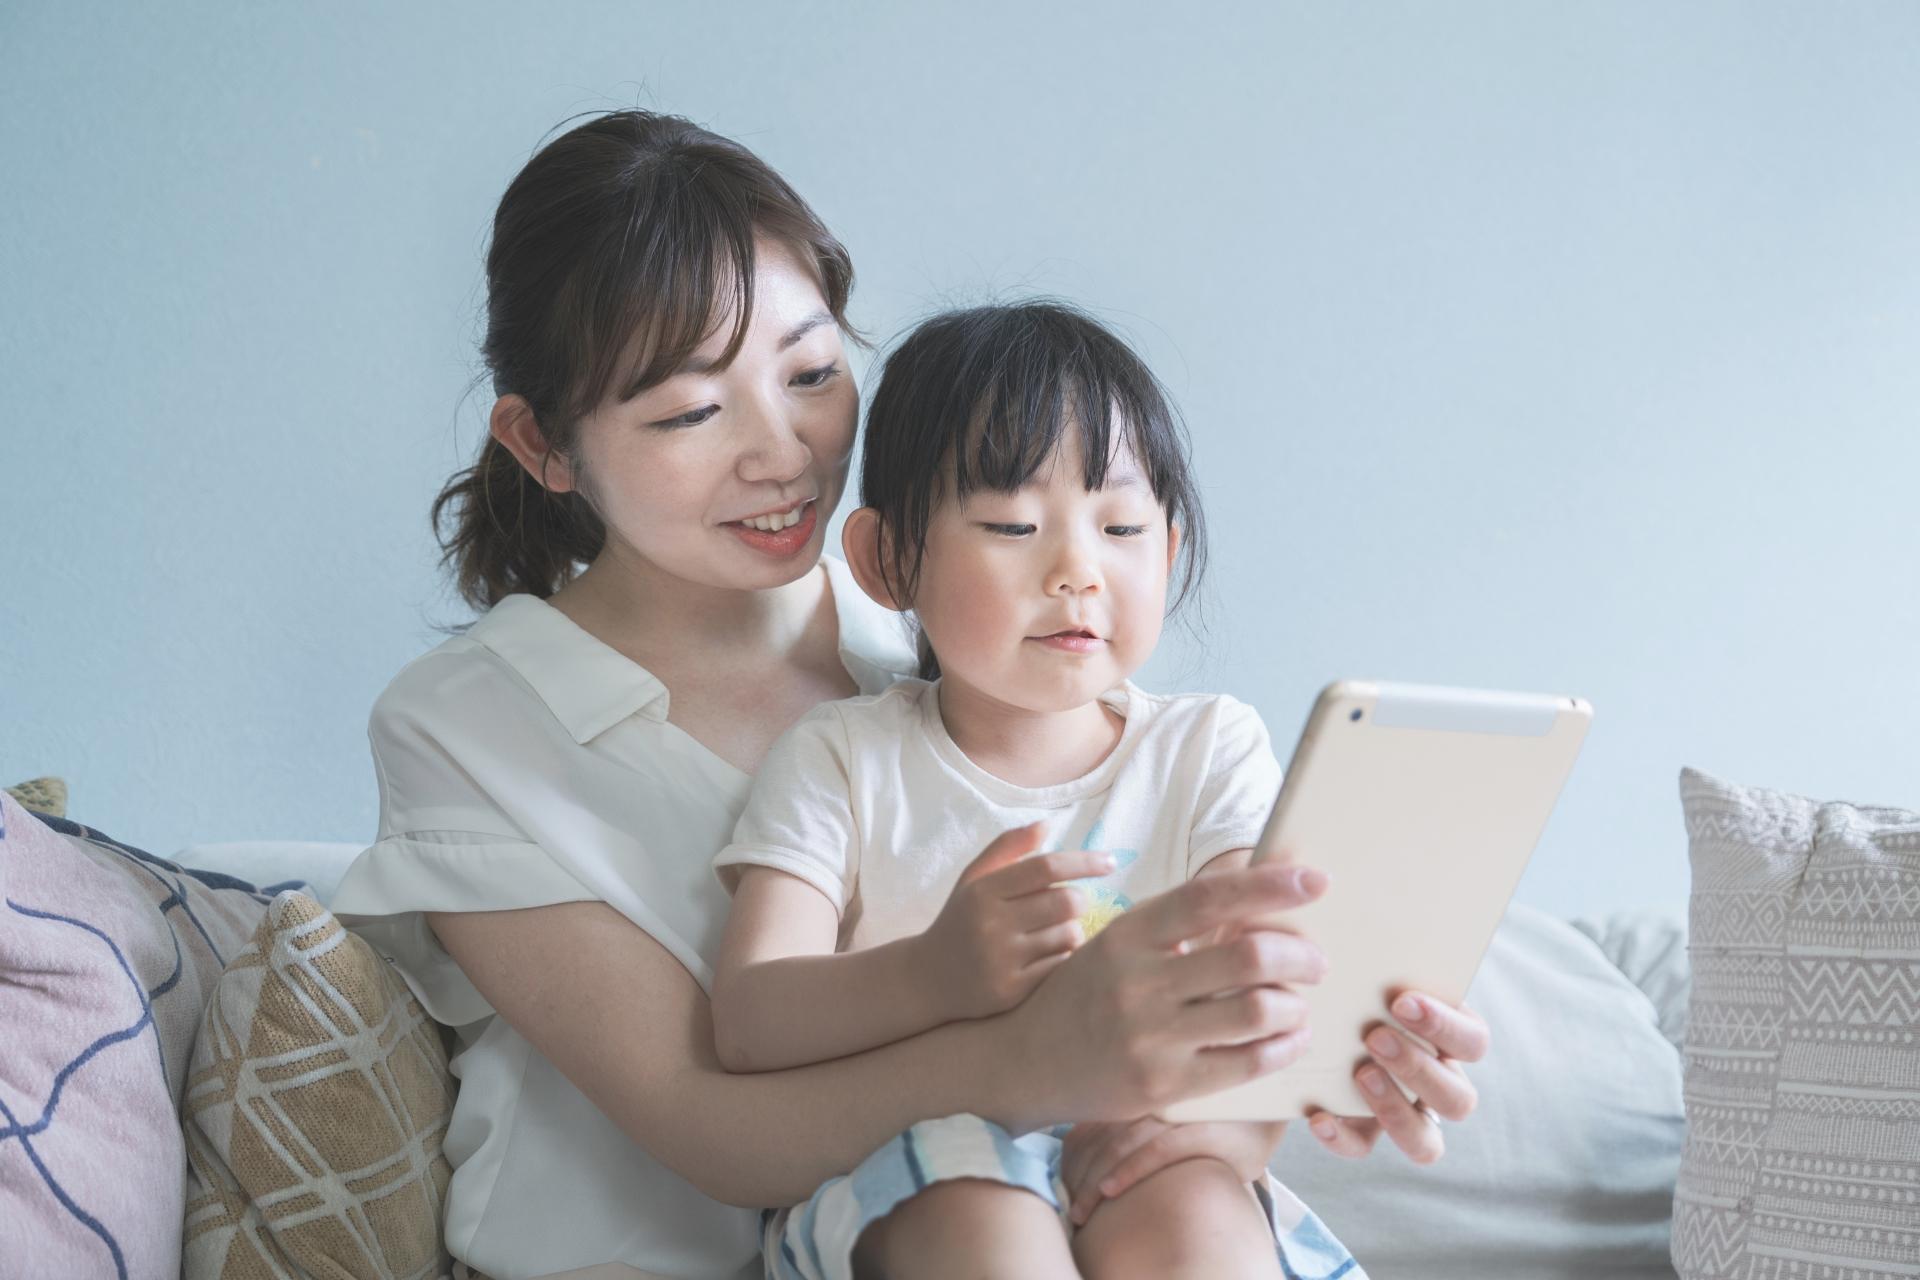 「子どもにできる「お金の勉強」金銭感覚を養う秘訣」イメージ画像